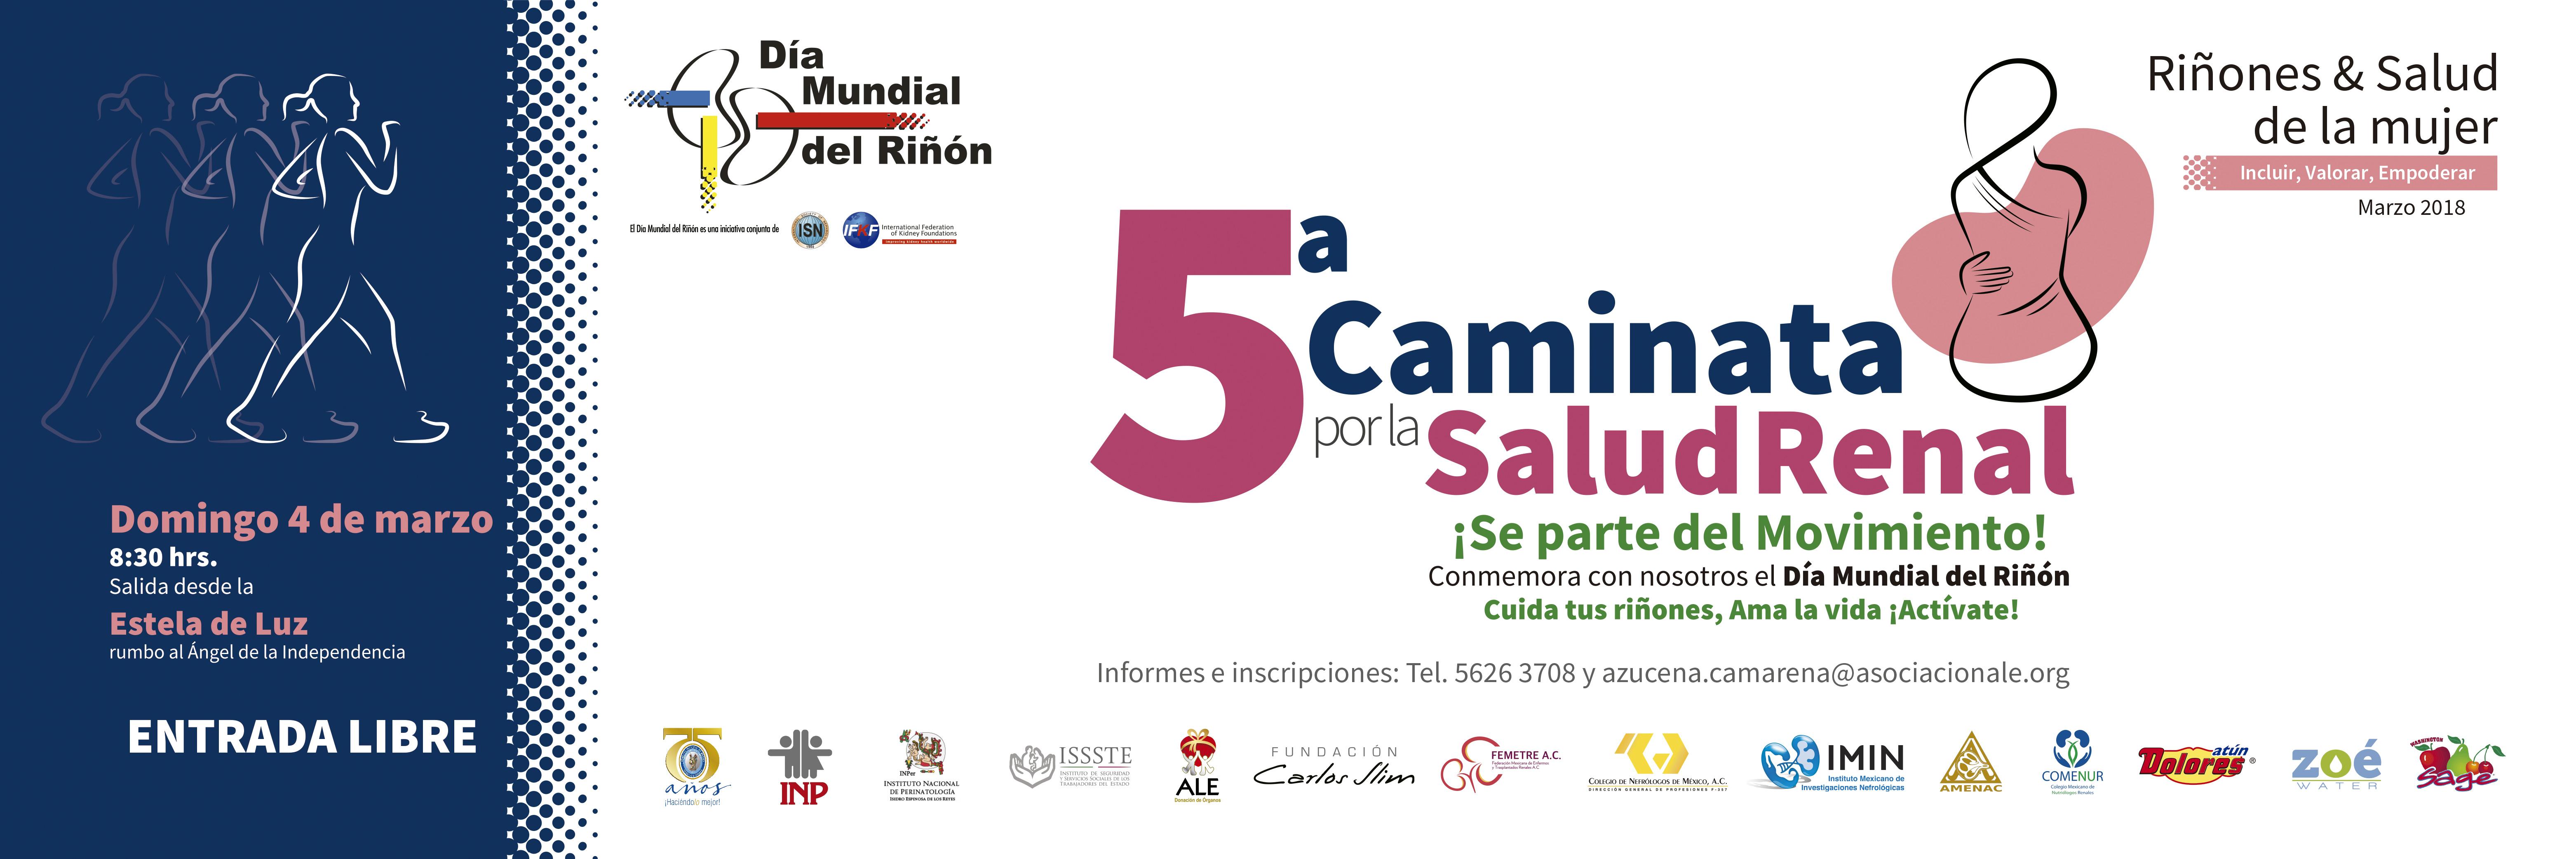 5ª Caminata por la Salud Renal, domingo 04 de marzo, CDMX